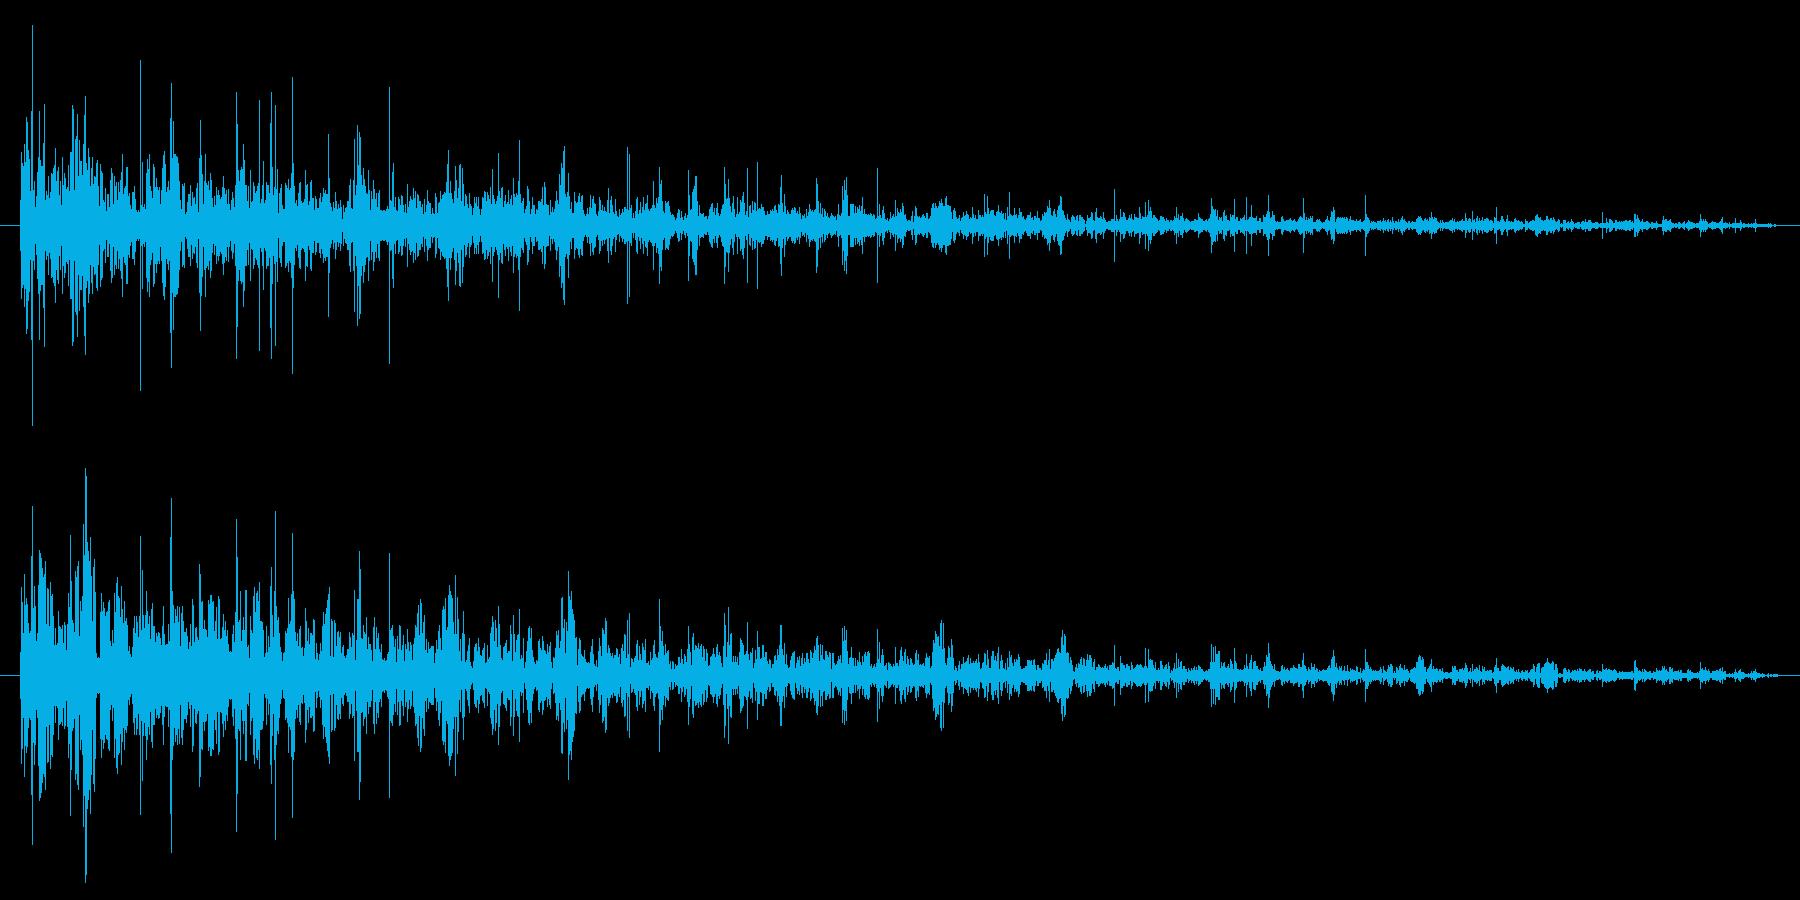 レコードノイズの再生済みの波形